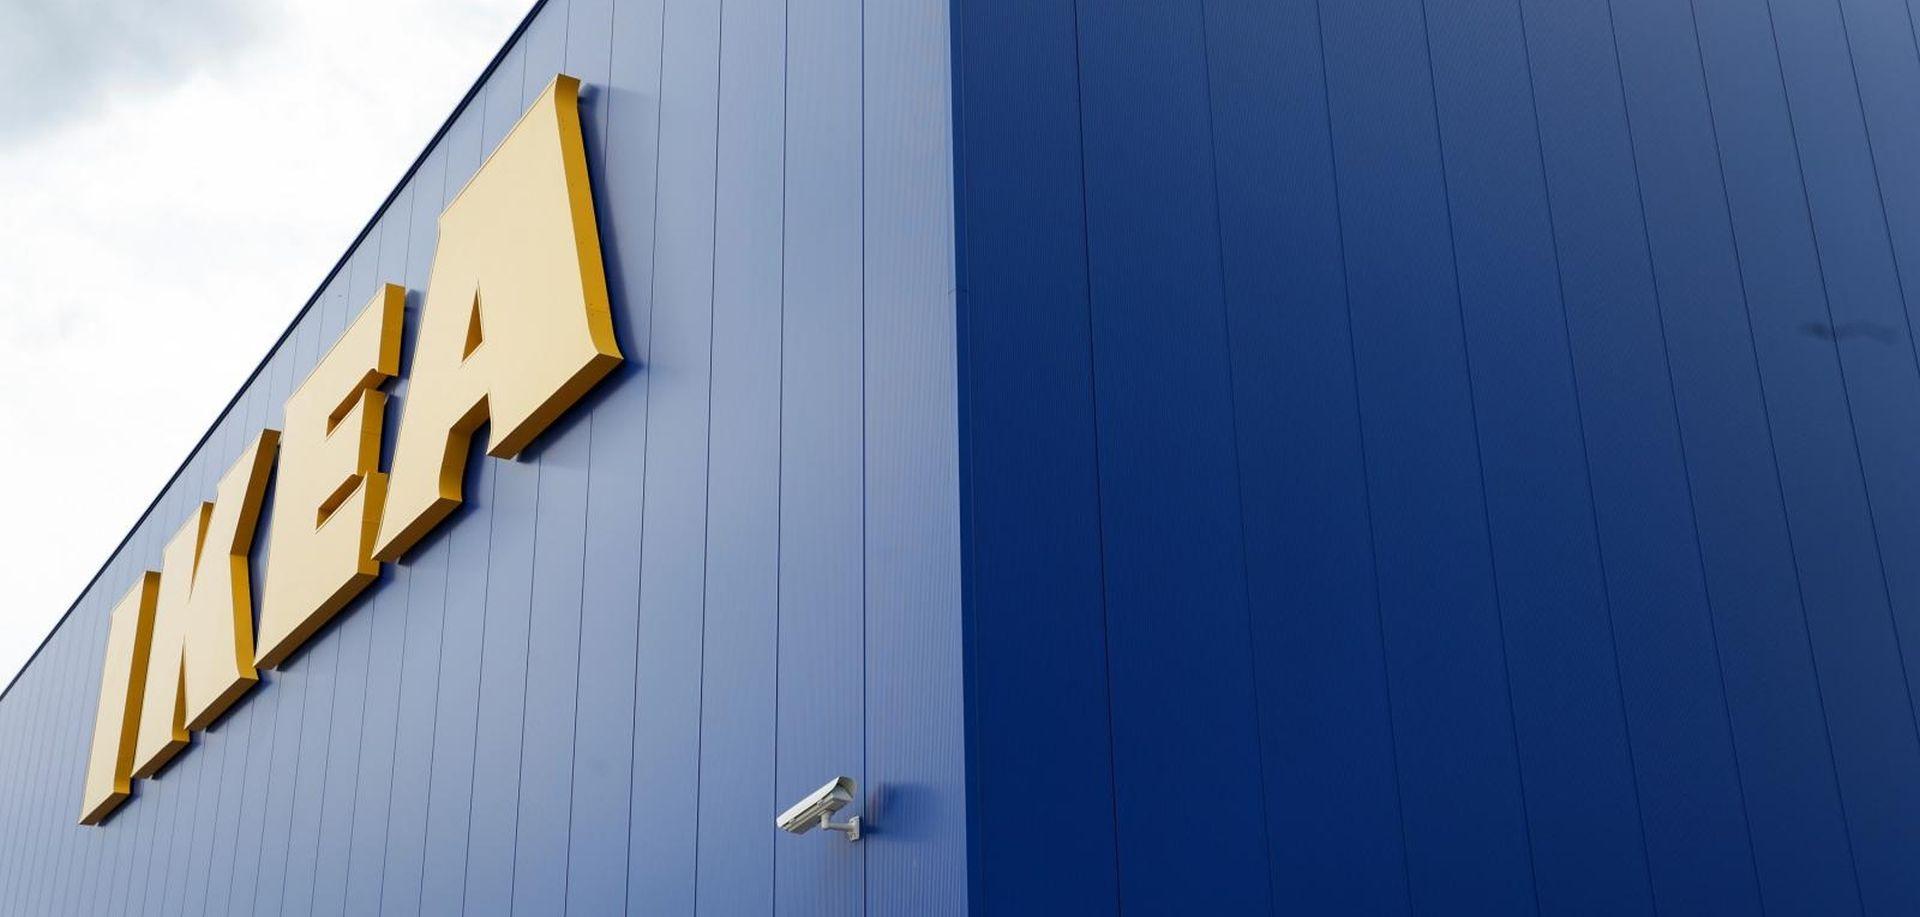 Ikea planira otvaranje više malih trgovina u Britaniji